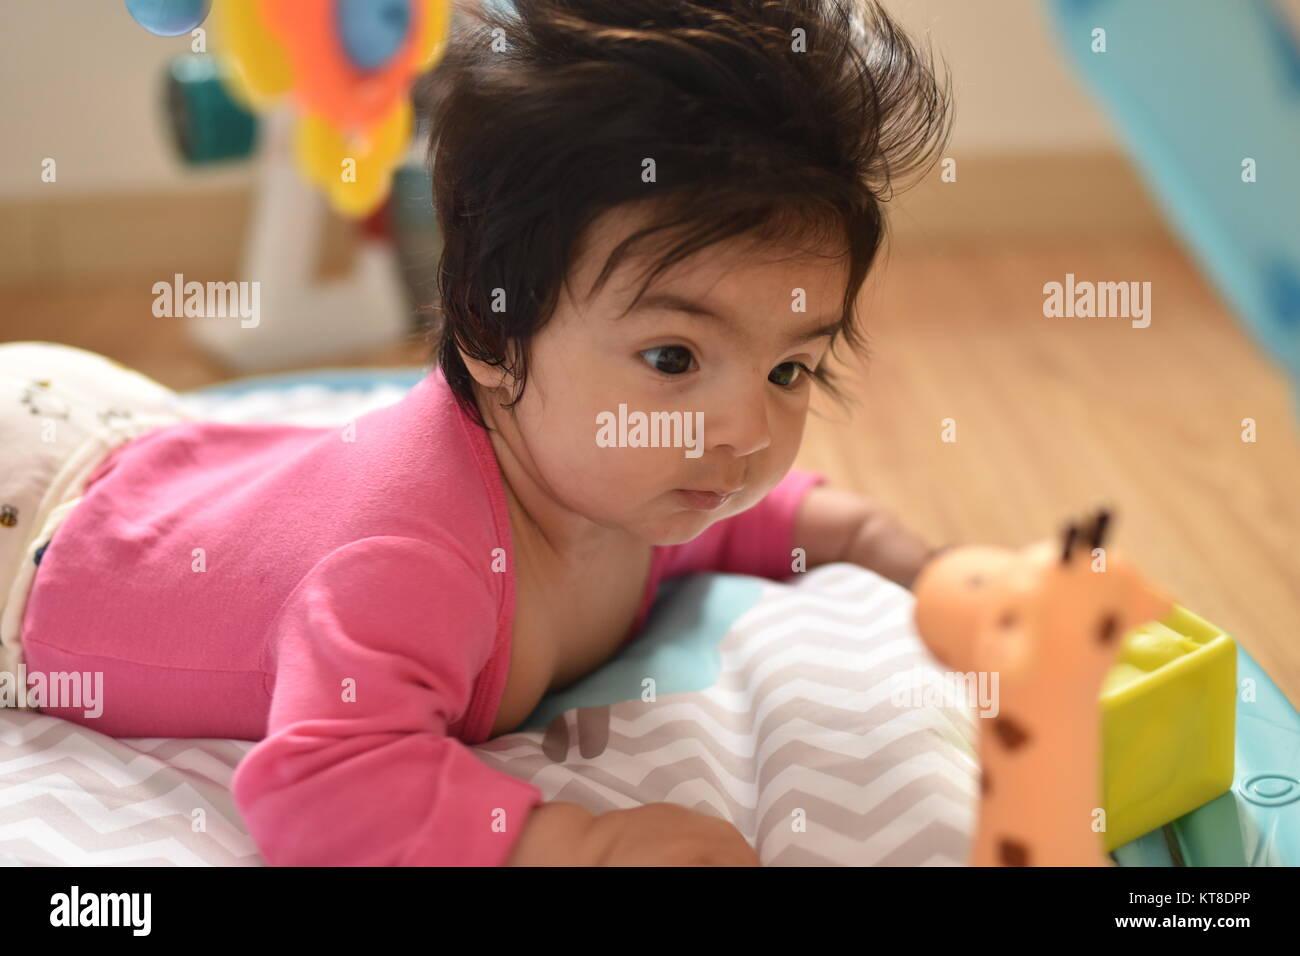 Gattona bambina guarda attentamente esaminando i suoi giocattoli Immagini Stock